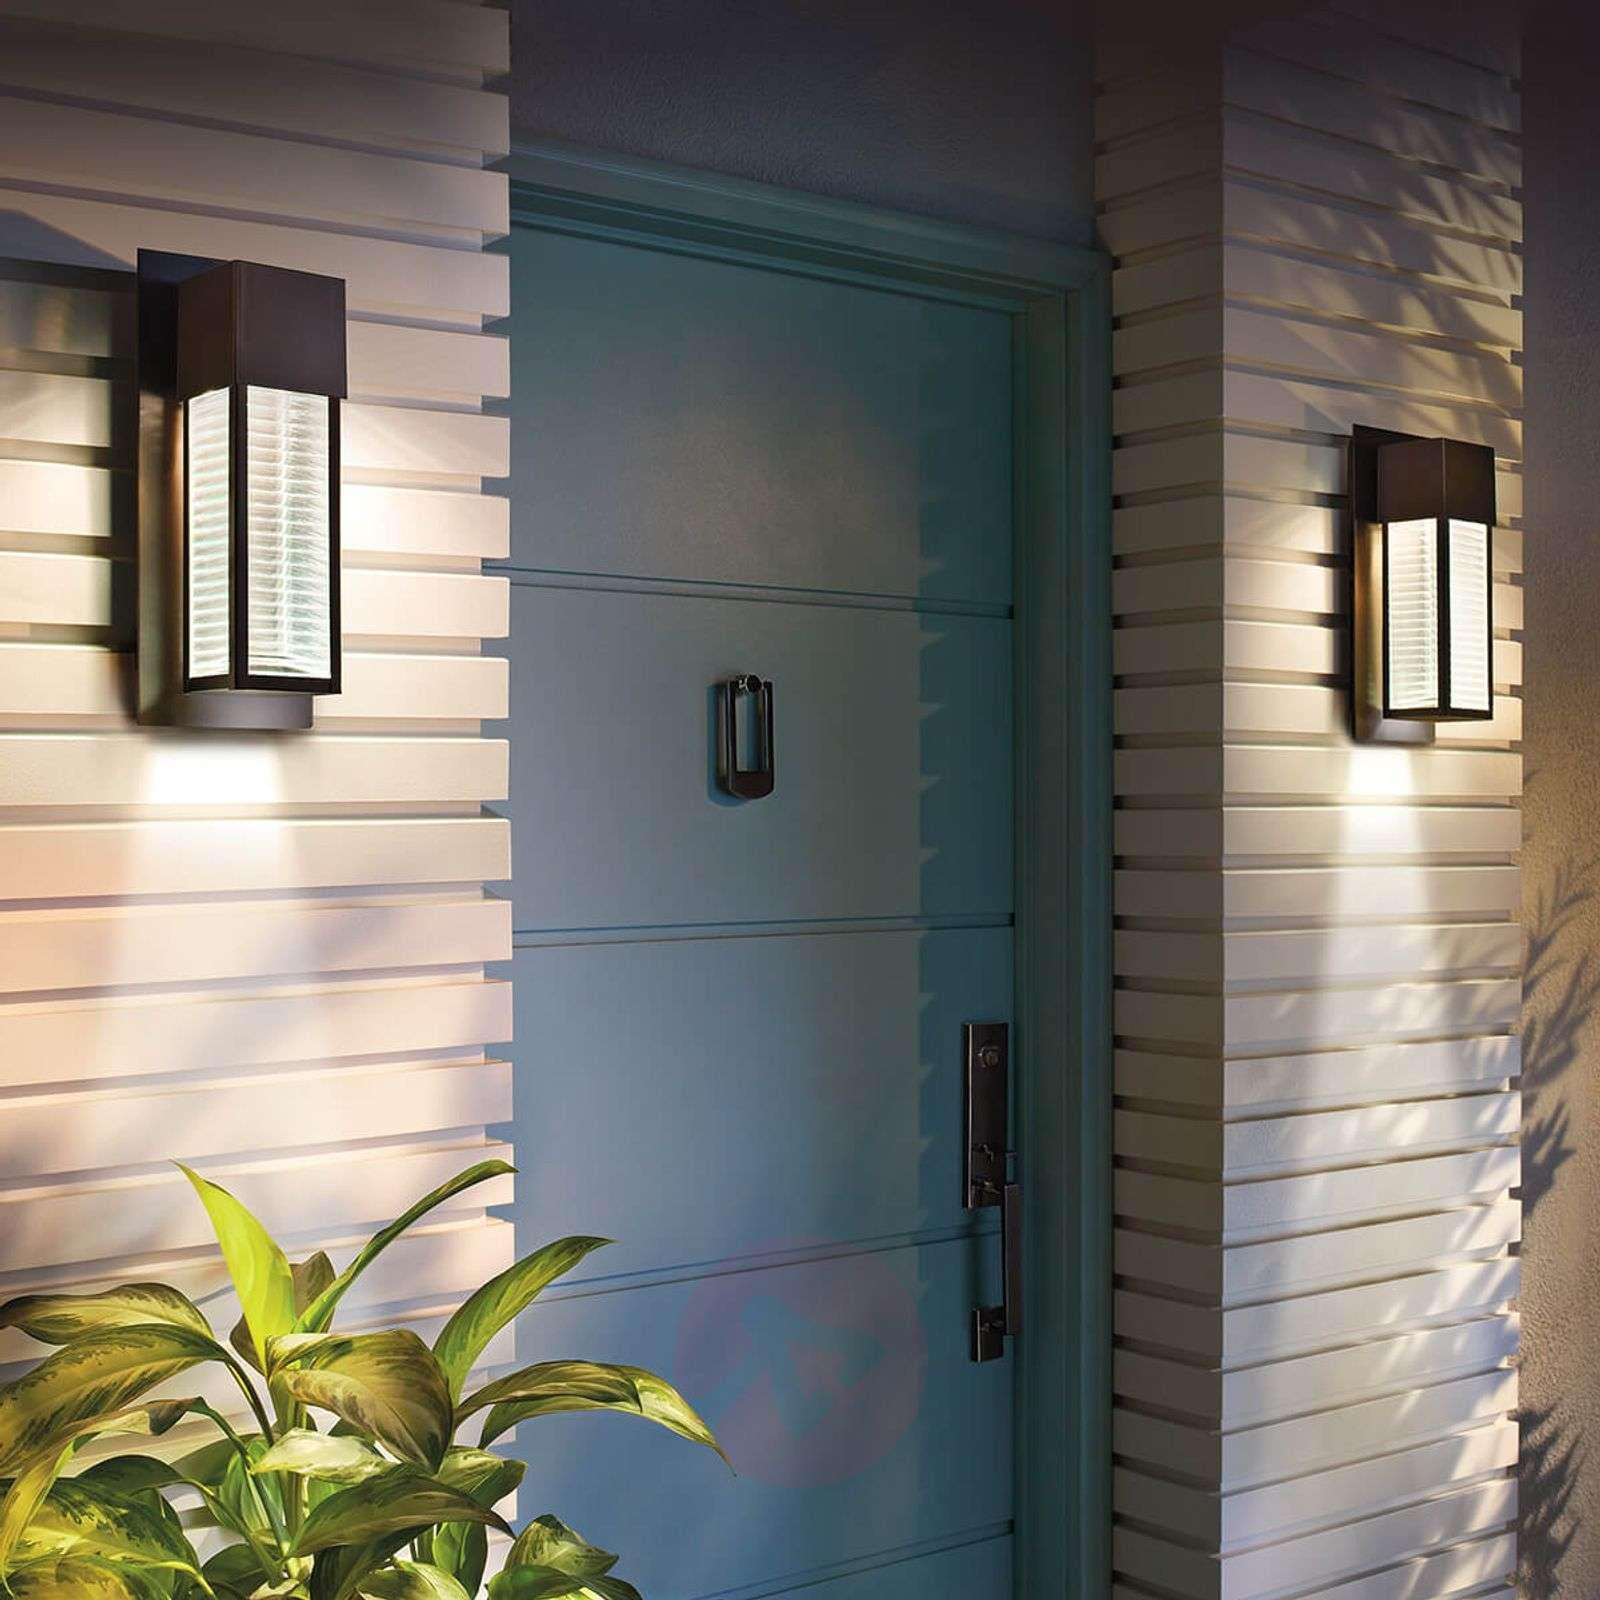 Huippumoderni Sorel-LED-seinävalaisin ulkokäyttöön-3048742-01